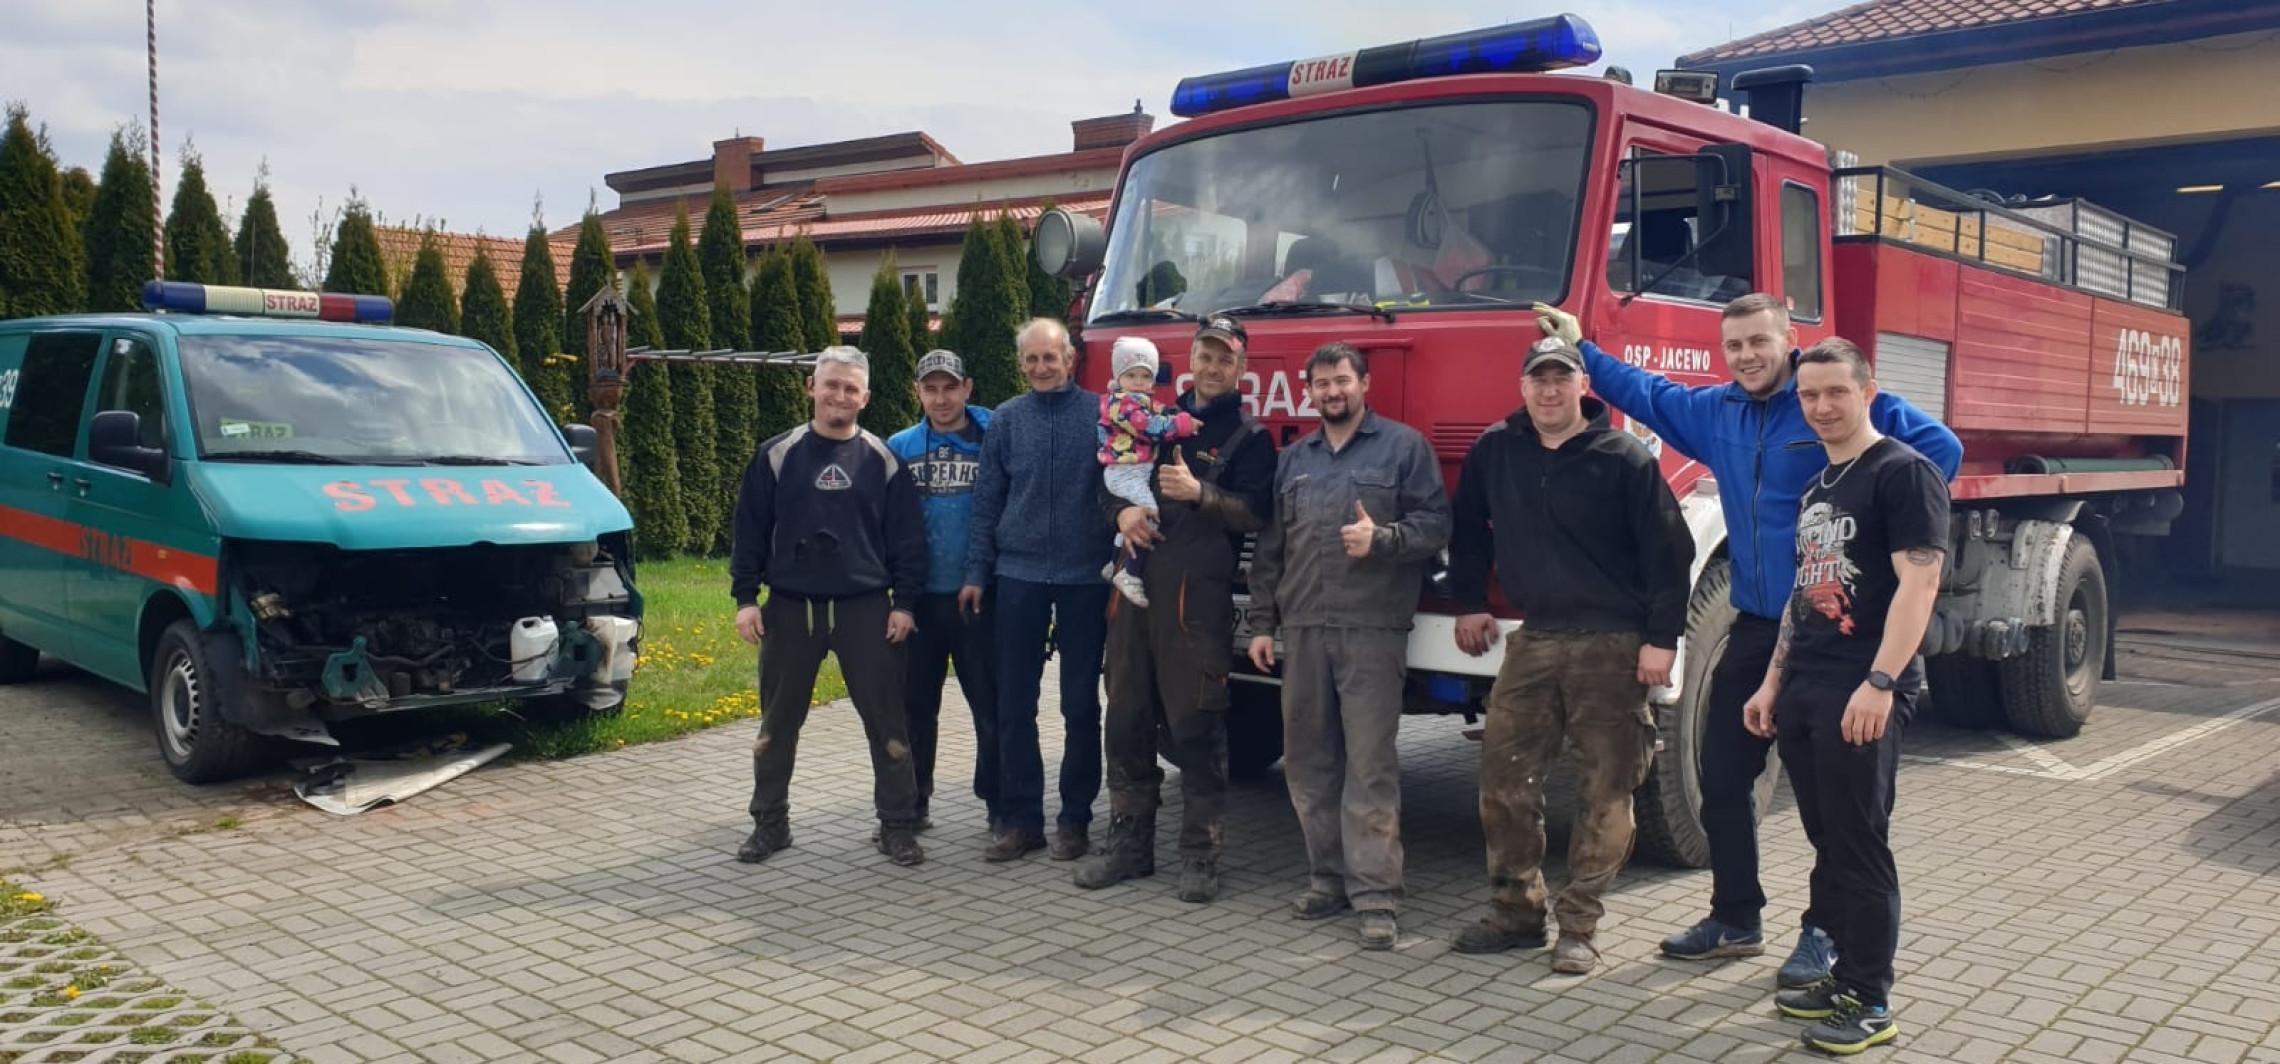 Gmina Inowrocław - Strażacy sami naprawili starego jelcza